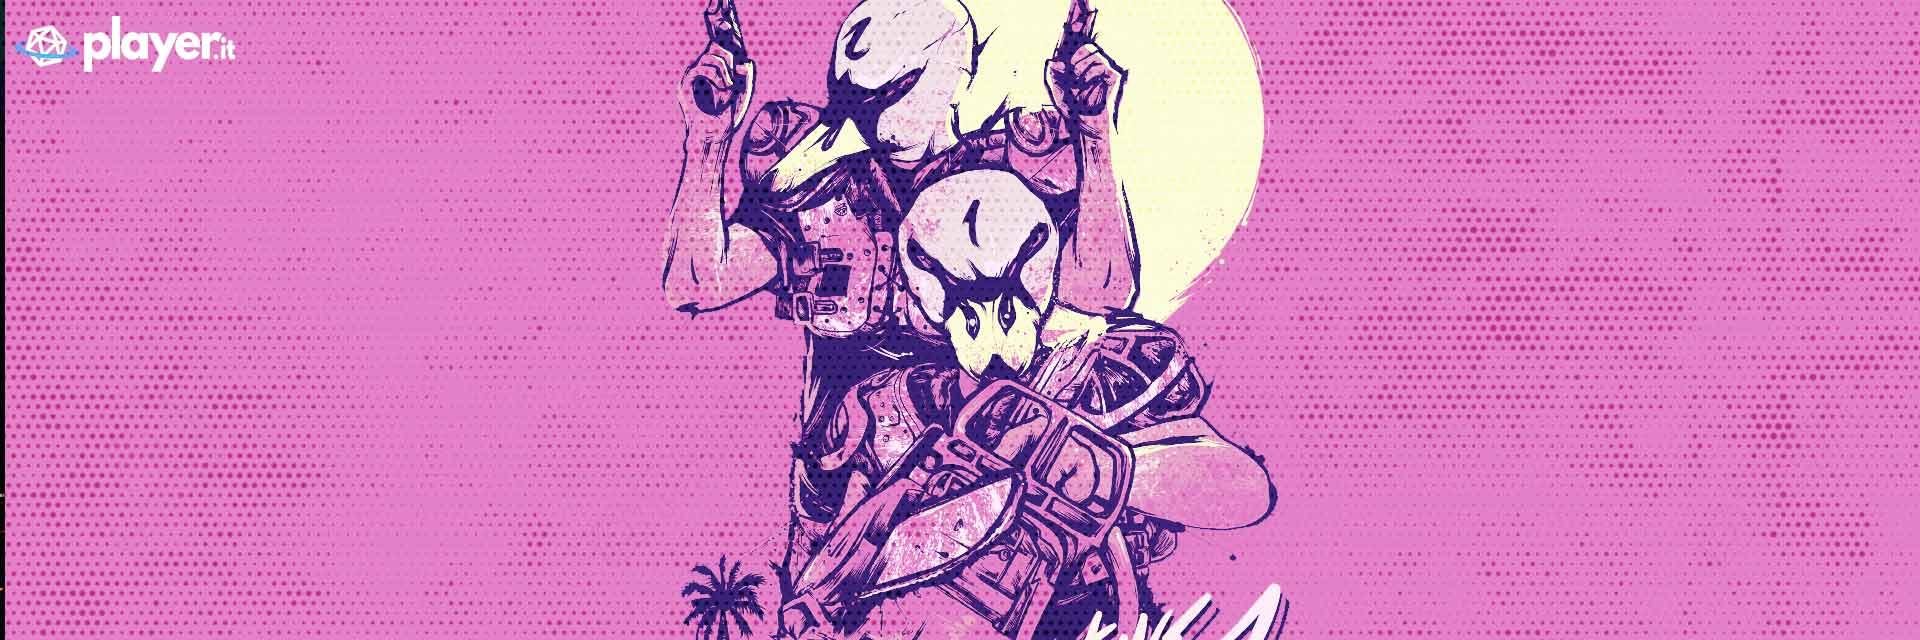 hotline miami wallpaper in hd